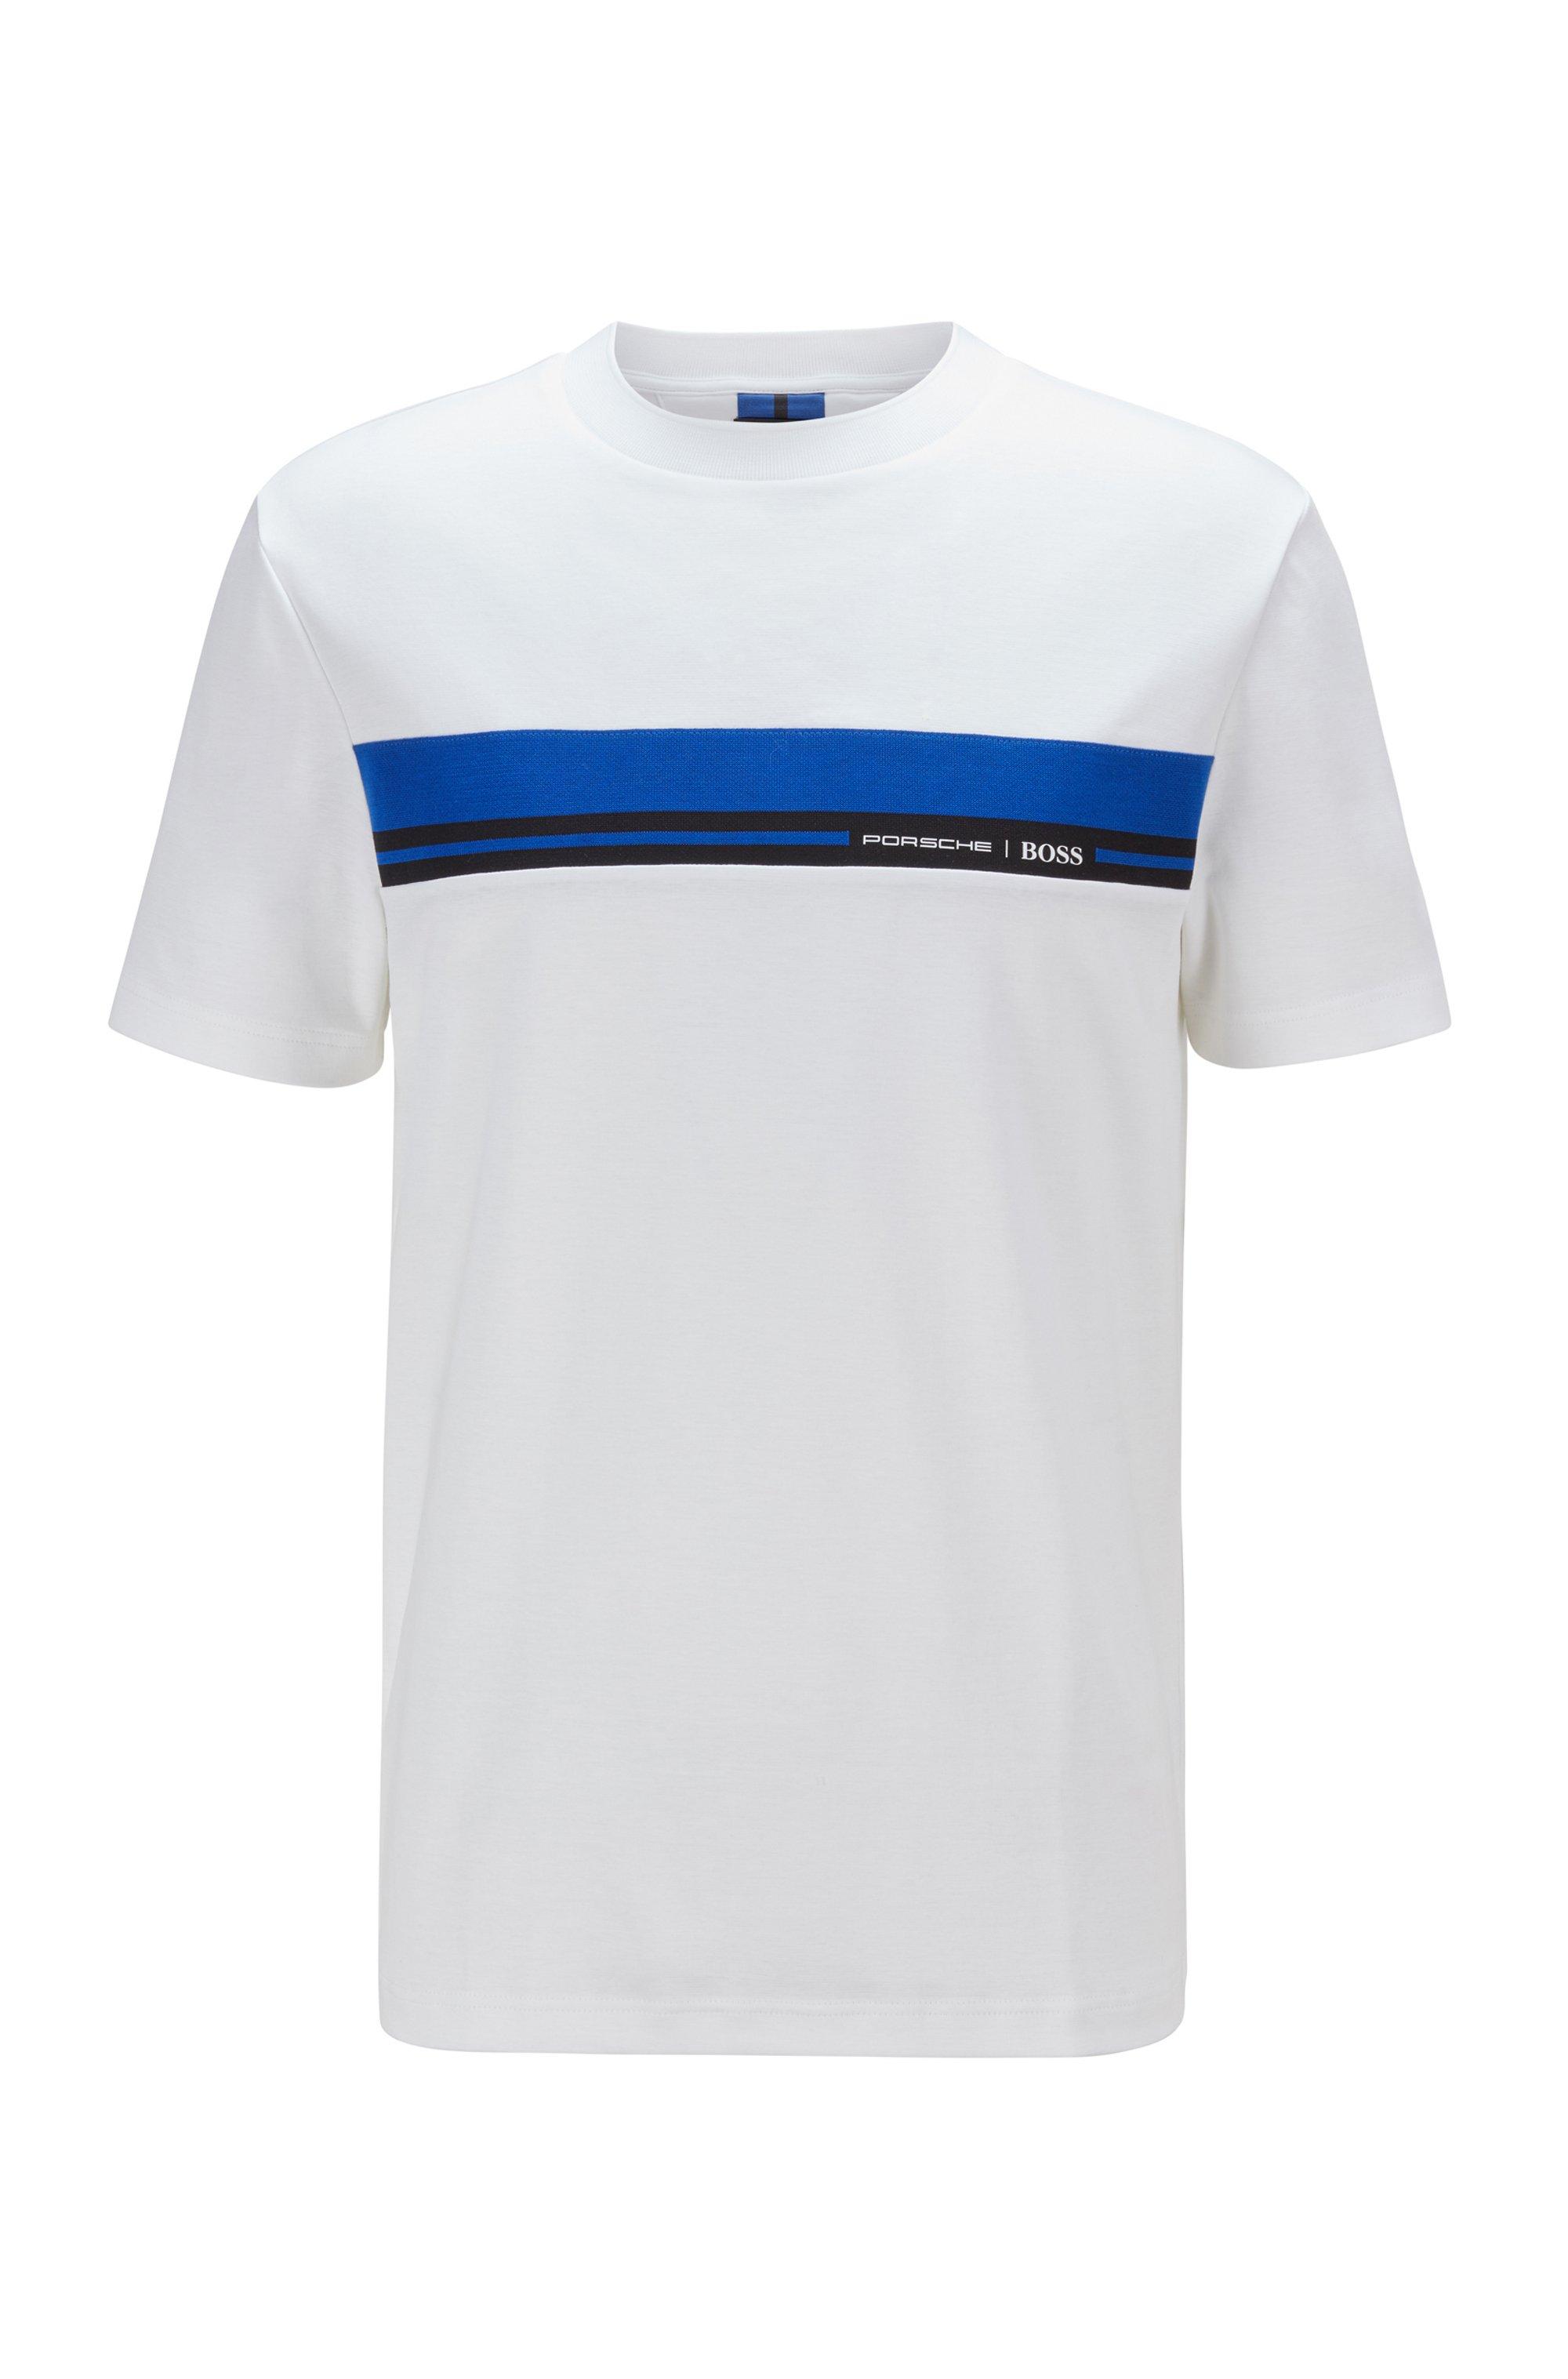 コットン クルーネックTシャツ コレクションテーマプリント, ホワイト